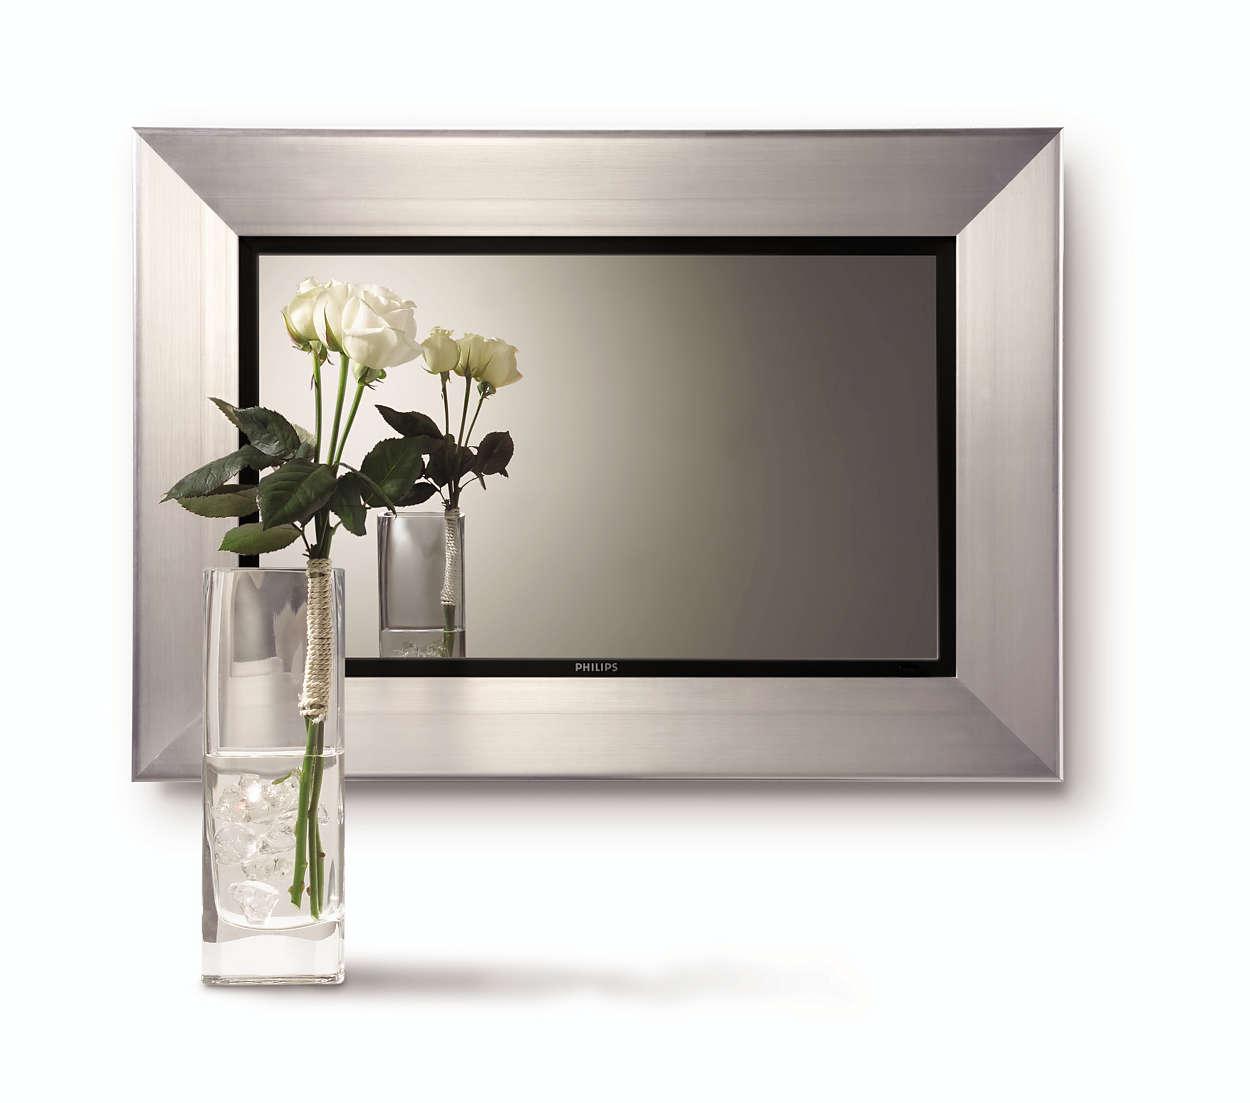 Speil-TV med multimedieskjerm